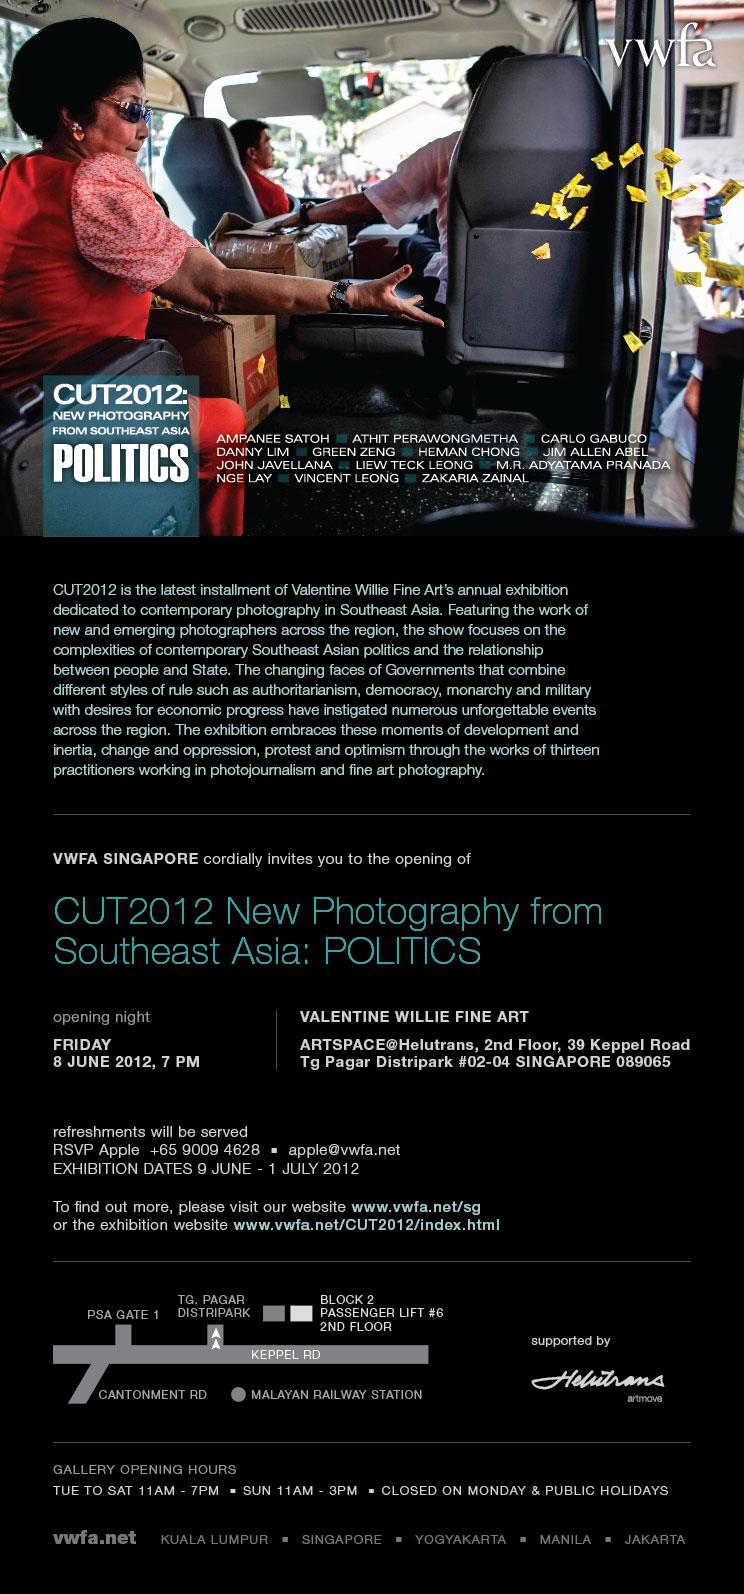 E-invite+CUT2012.jpg